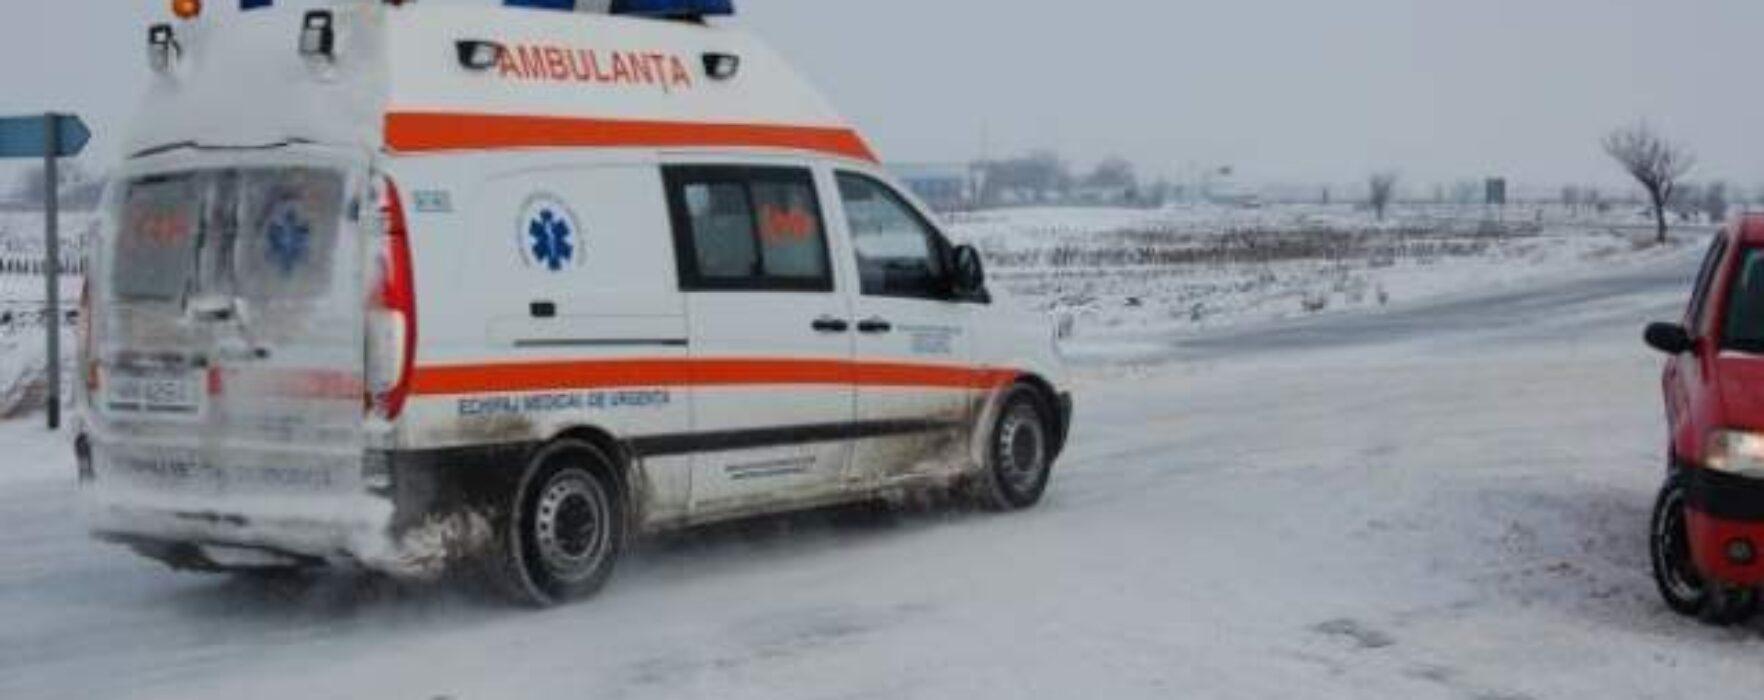 Ambulanţă înzăpezită pe DJ 722 în zona localităţii Ghineşti